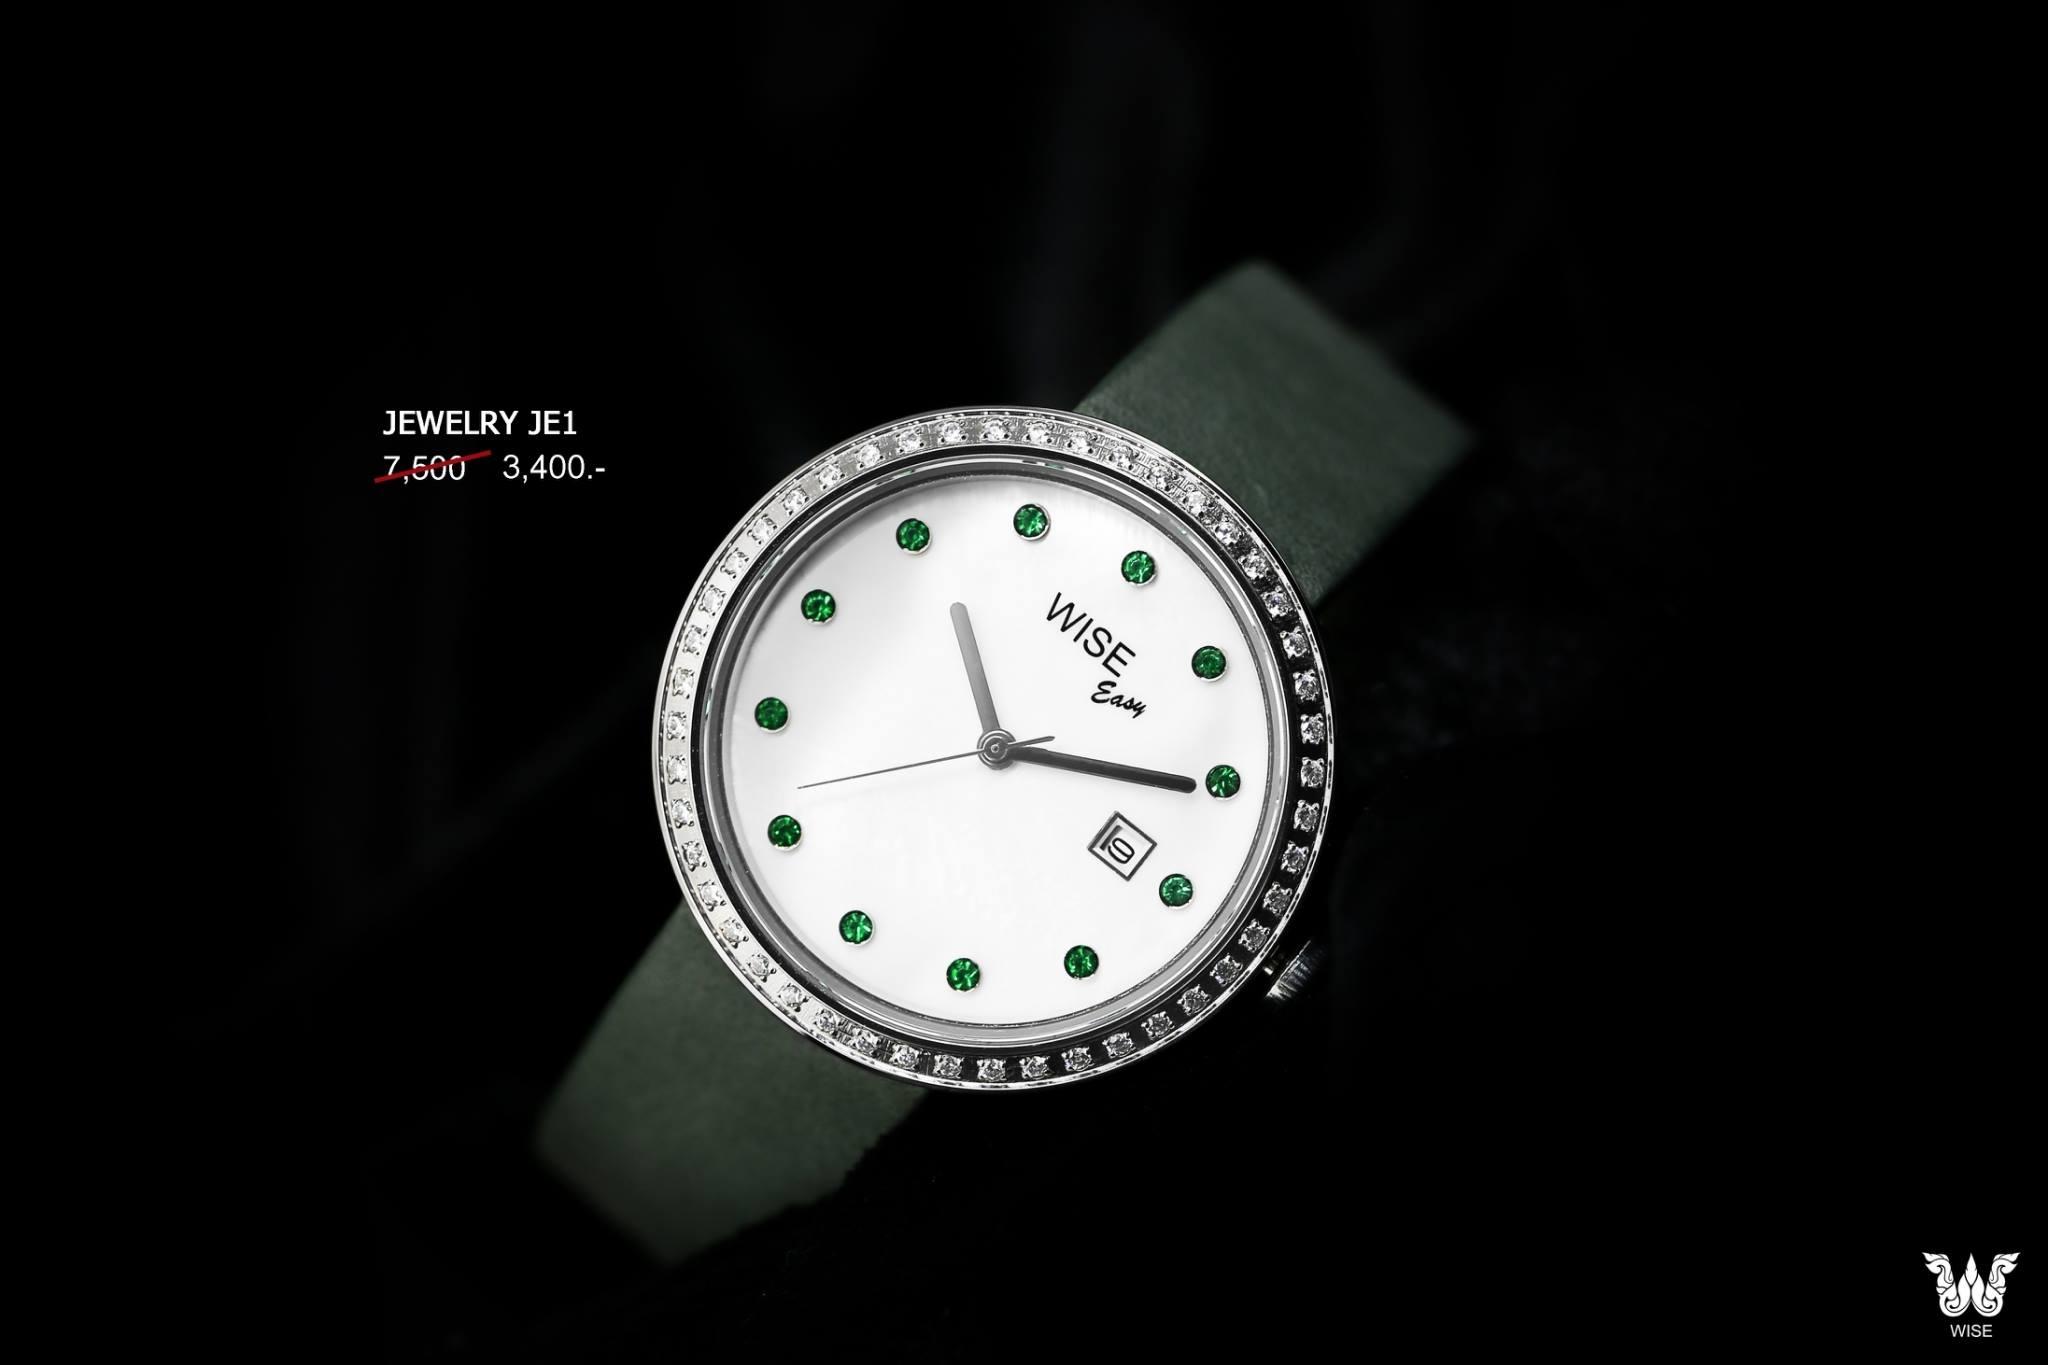 JE1 Emerald